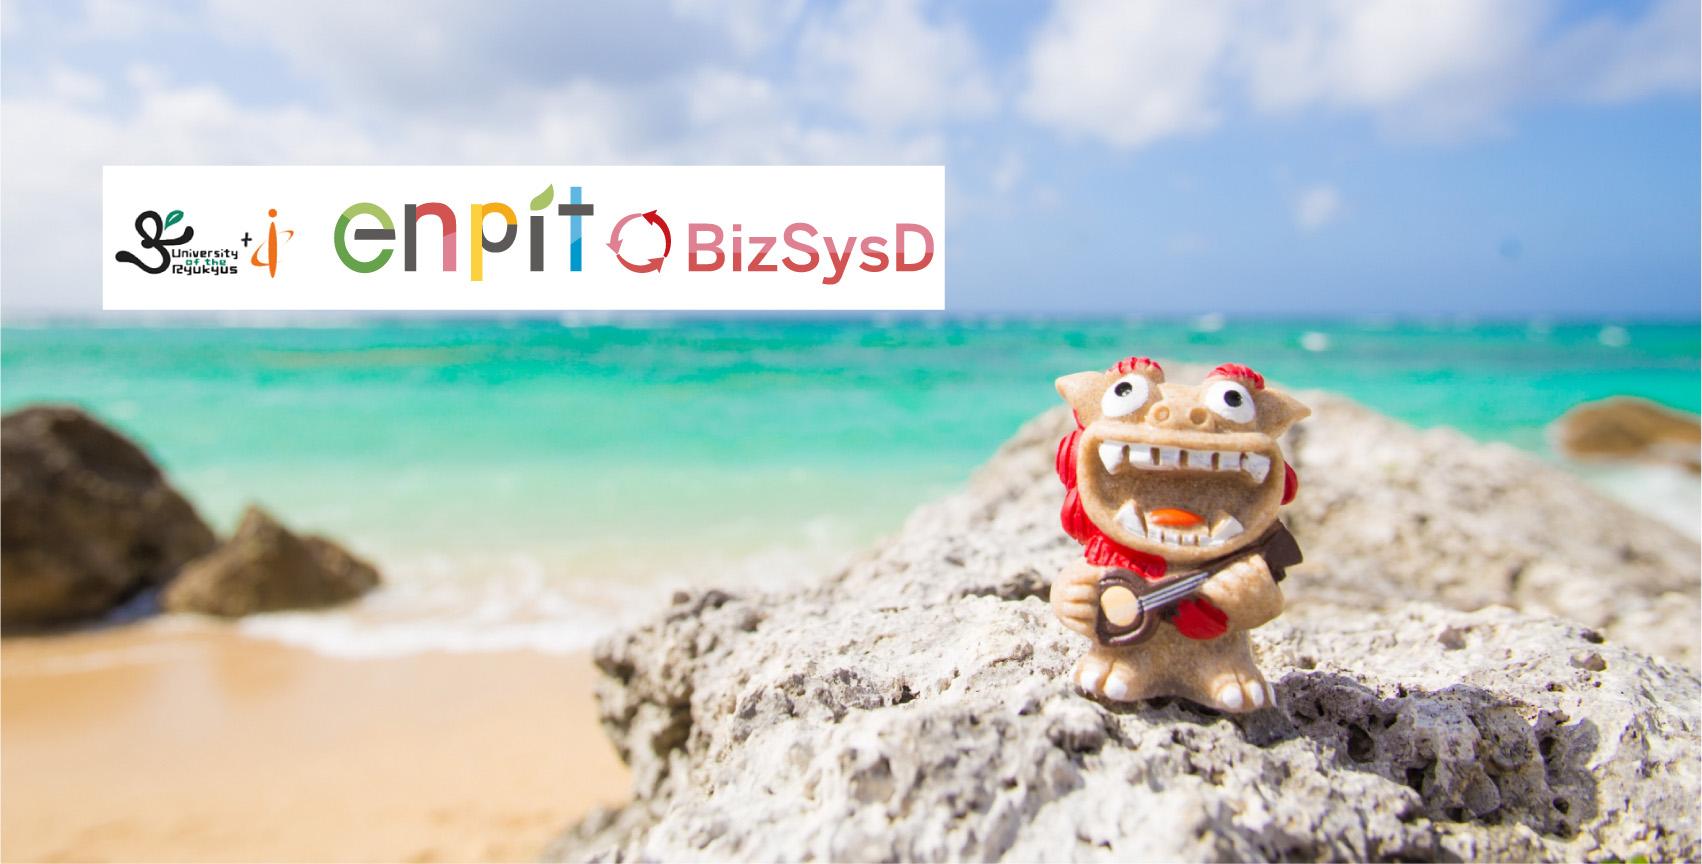 enPiT-BizSysD at IE-Ryukyu